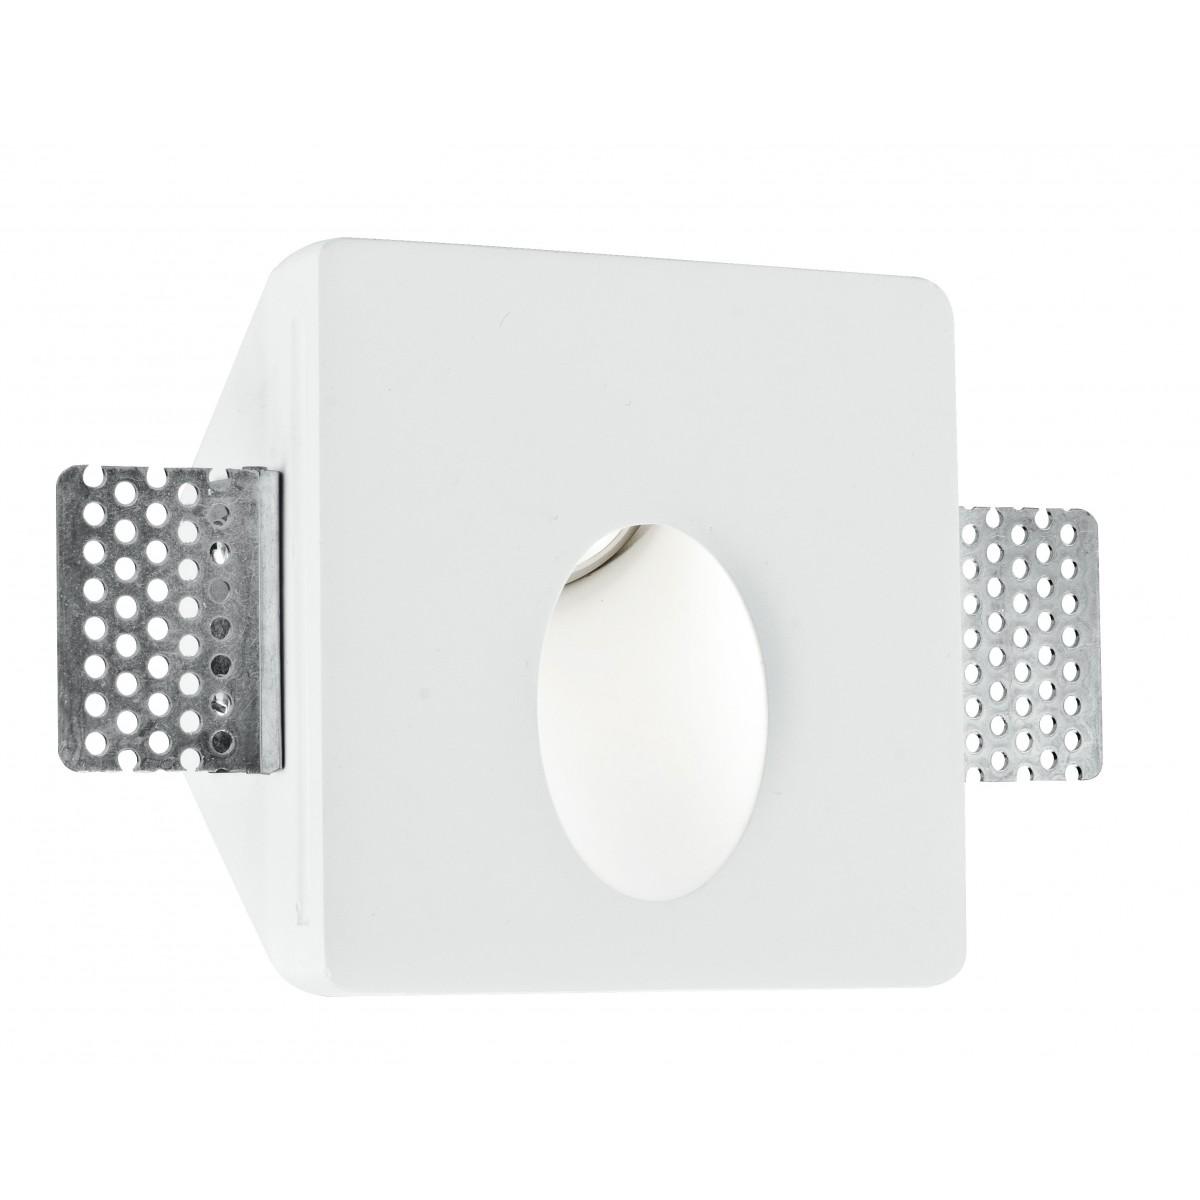 I-ARIEL-RS1 - Spot encastré à encastrer, mur à peindre en plâtre Steplight GU10 mini